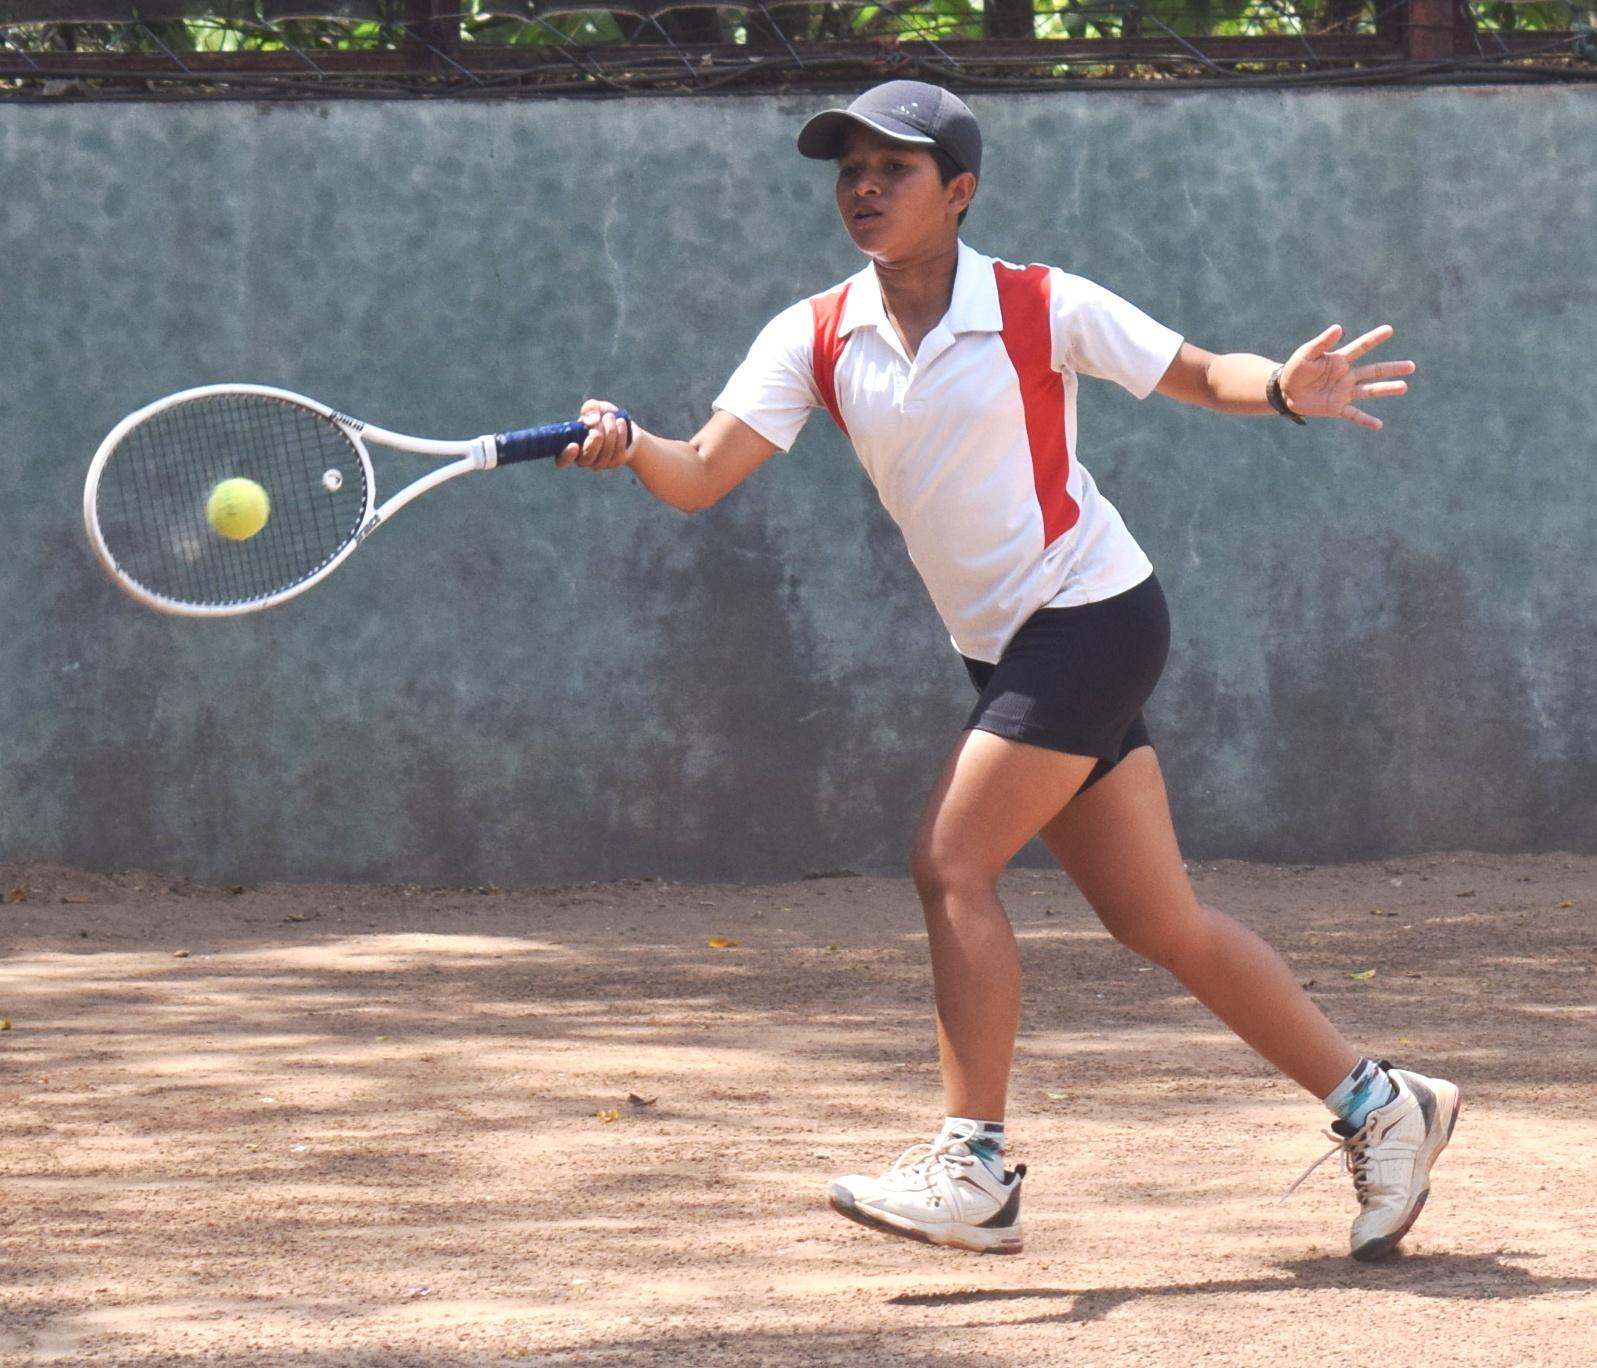 पीएमडीटीए ज्युनियर टेनिस लीग स्पर्धेत फ्लाईंग हॉक्स संघाची रायजिंग ईगल्स संघावर मात